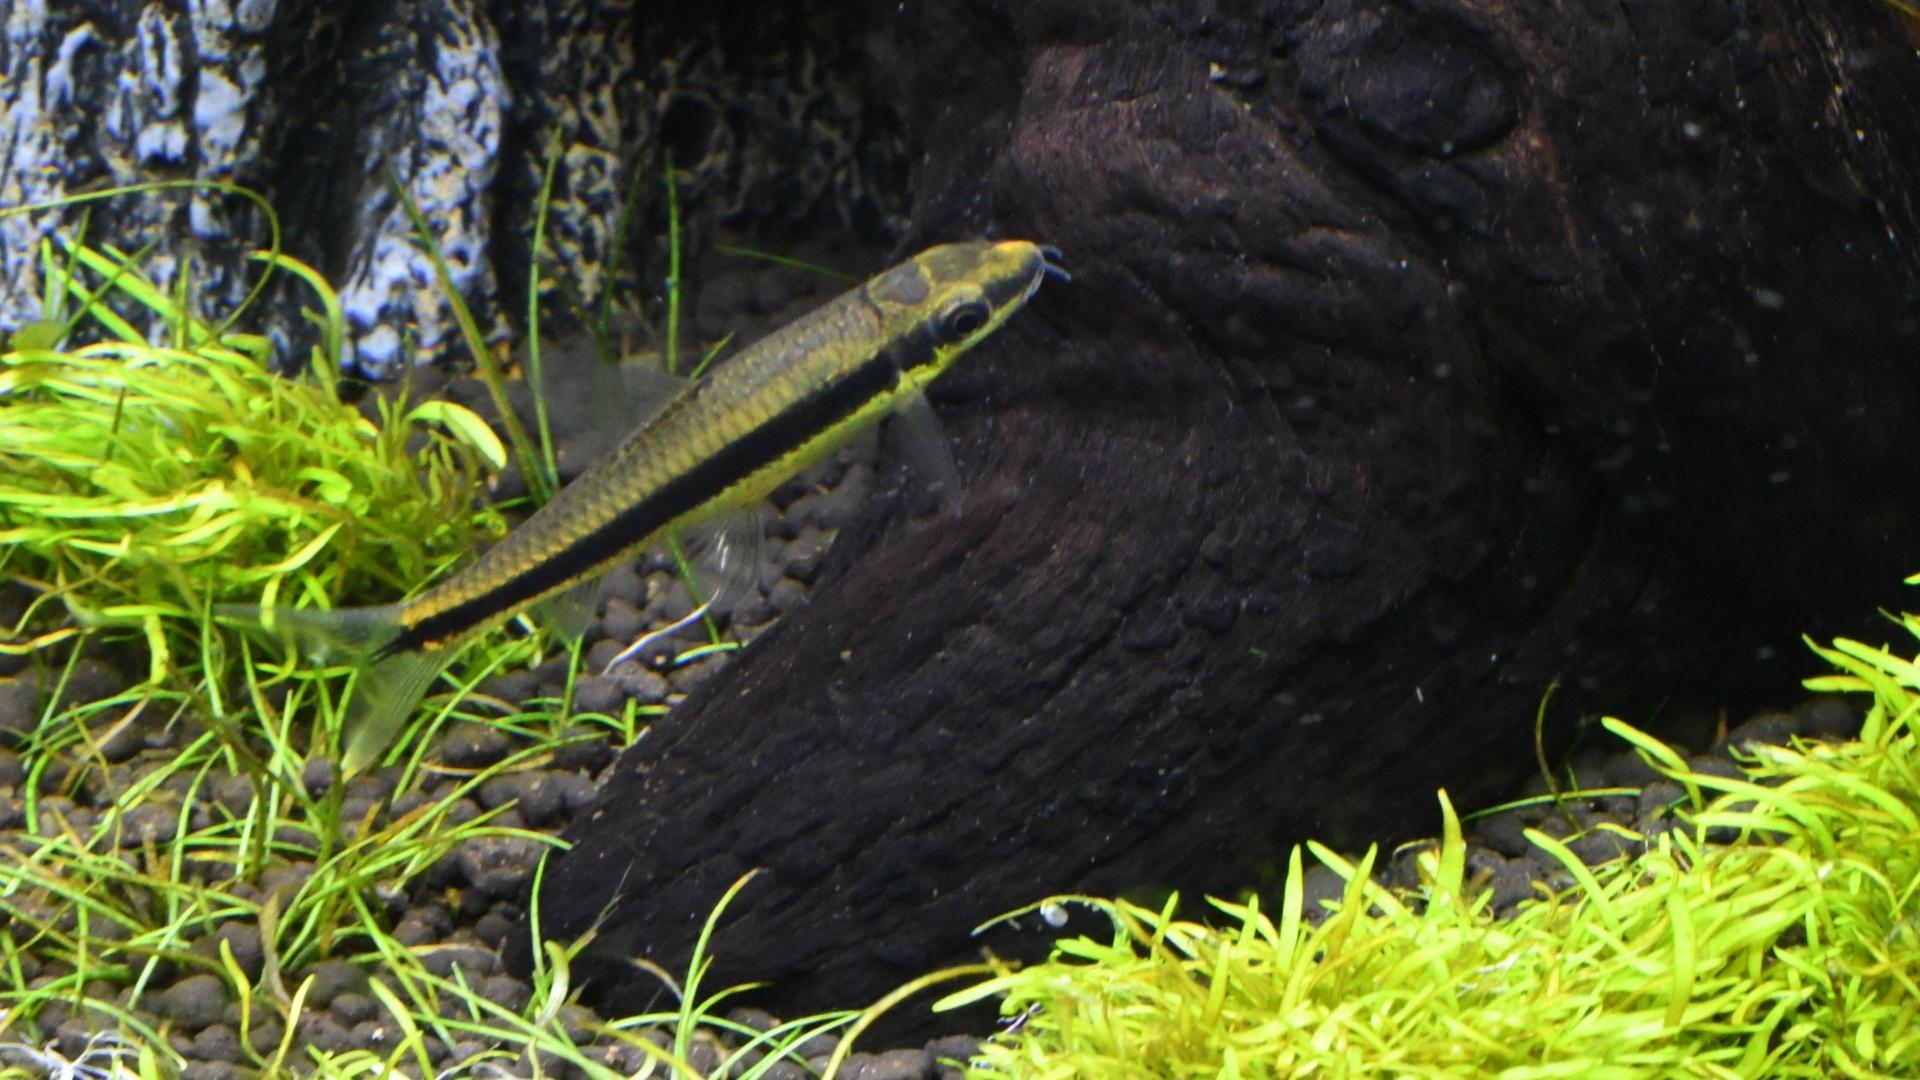 熱帯魚紹介:コケを食べる熱帯魚 サイアミーズフライングフォックス